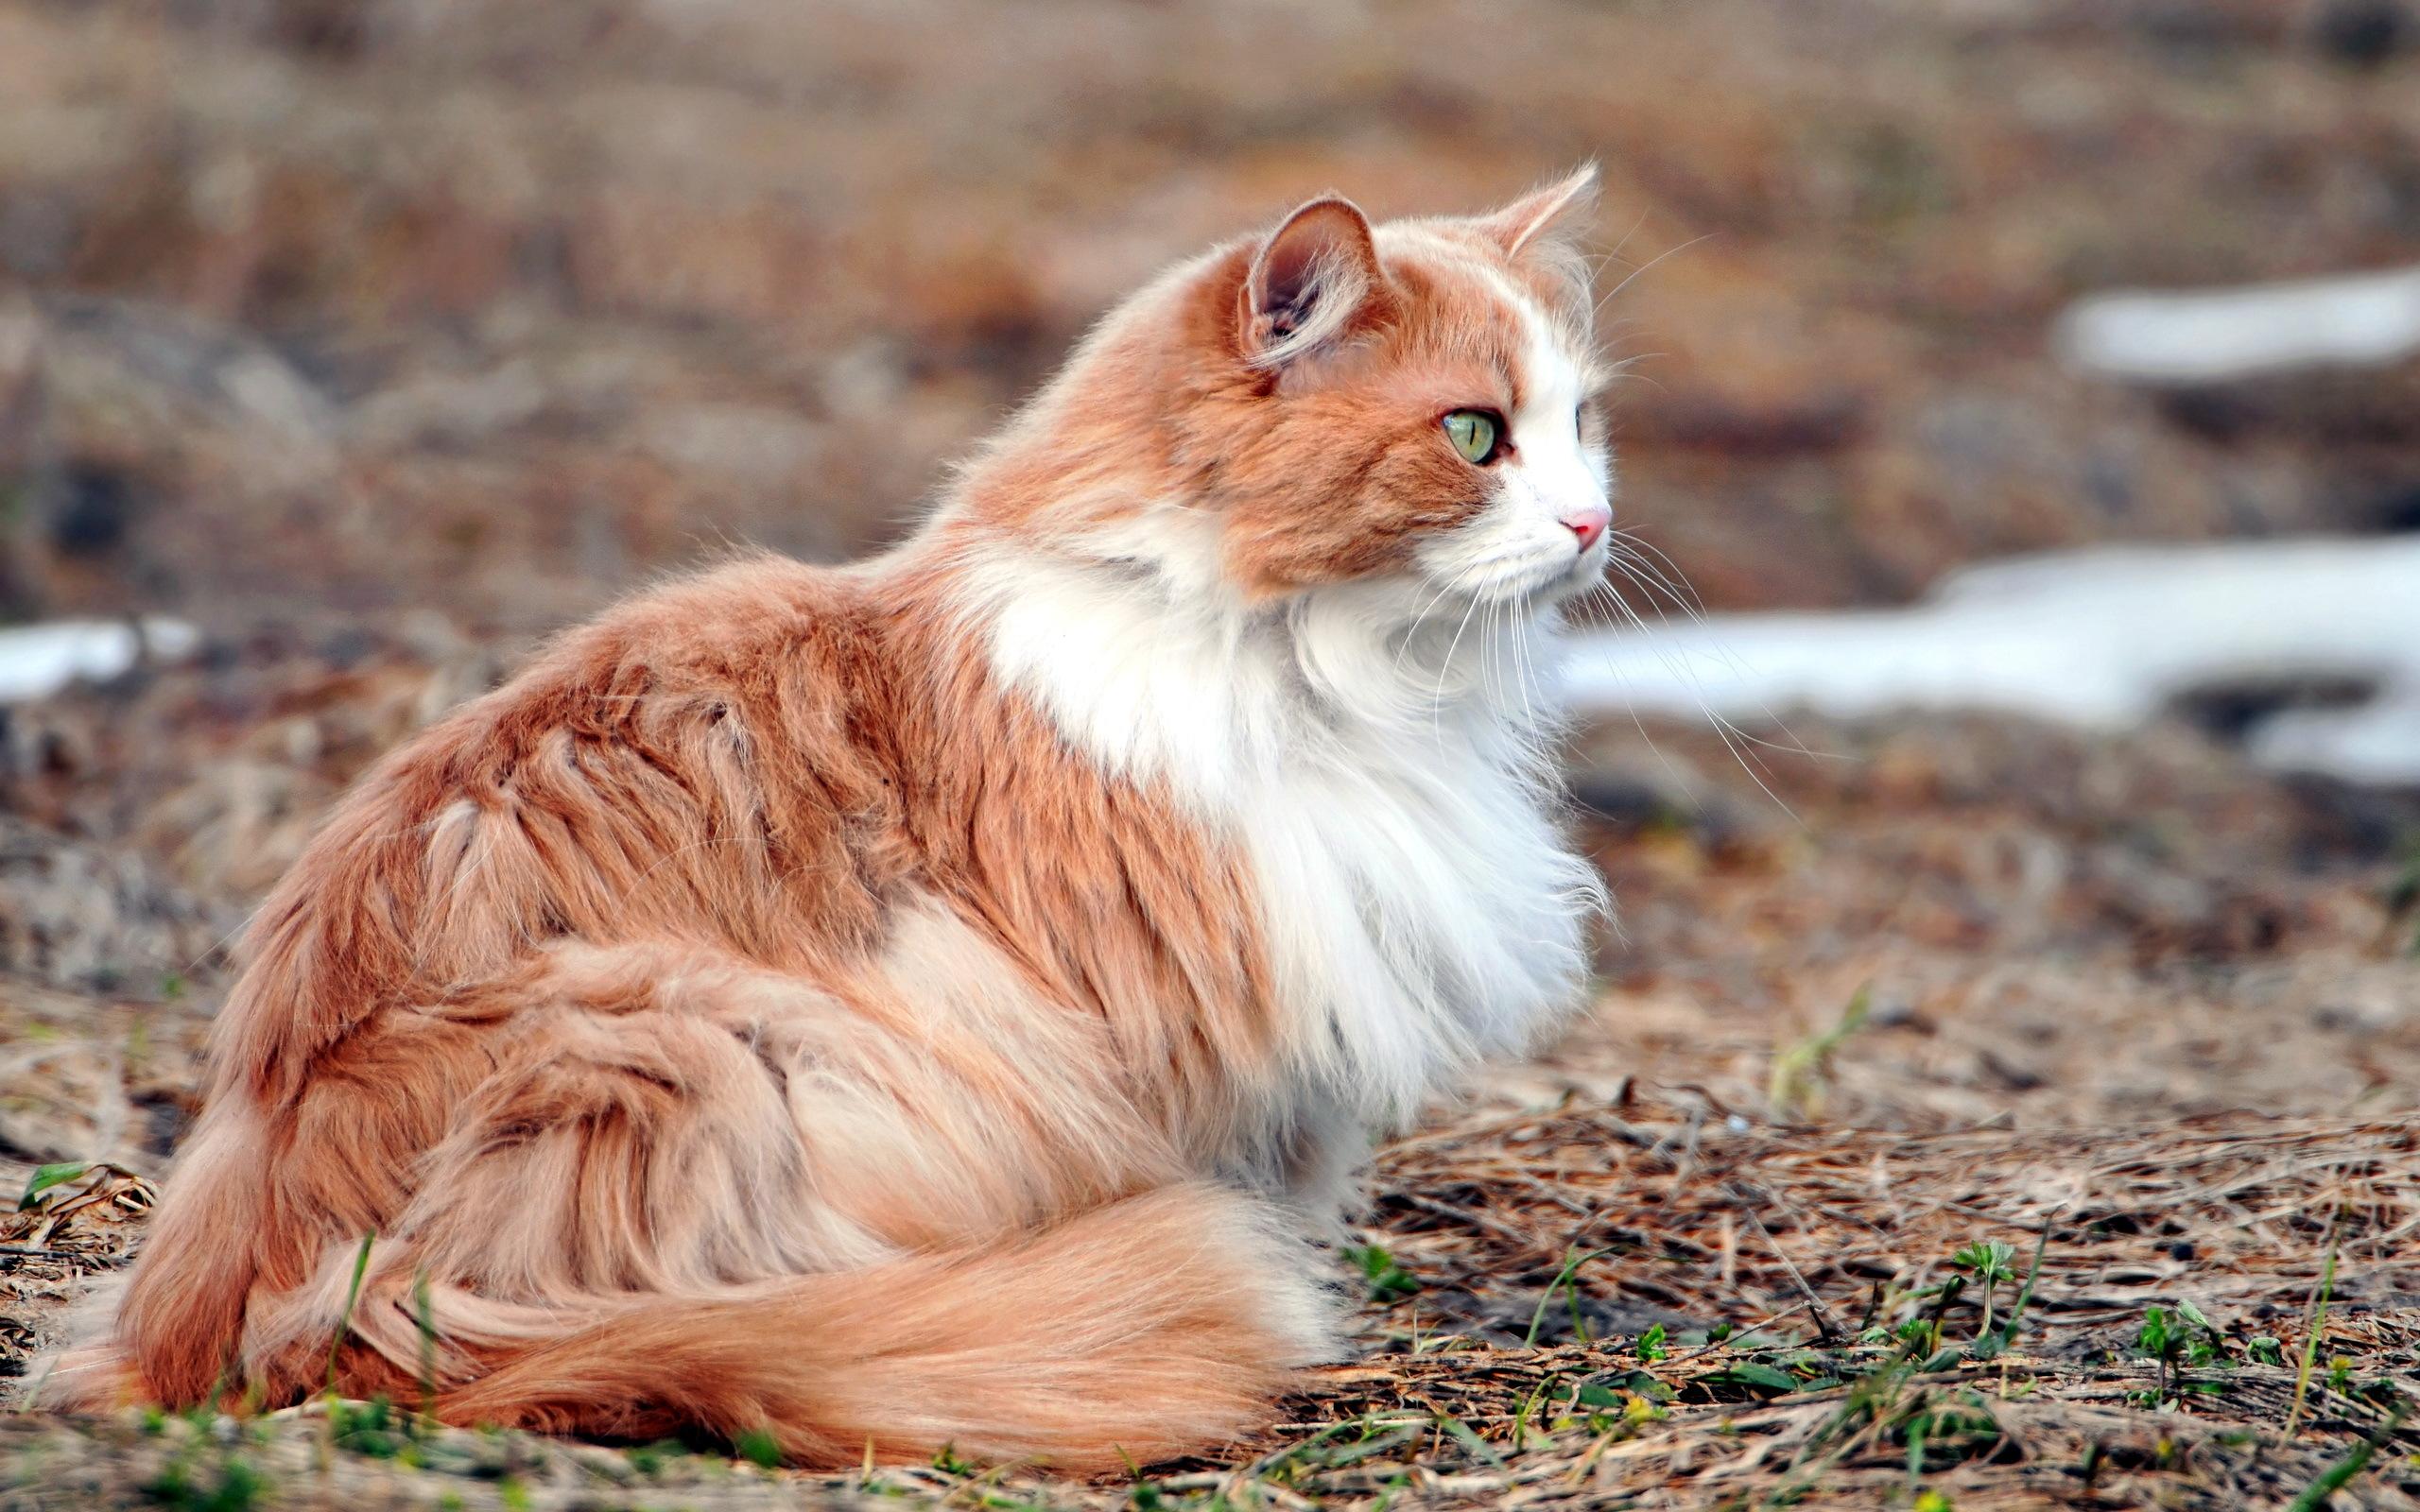 природа животные кот белый nature animals cat white  № 102720 загрузить